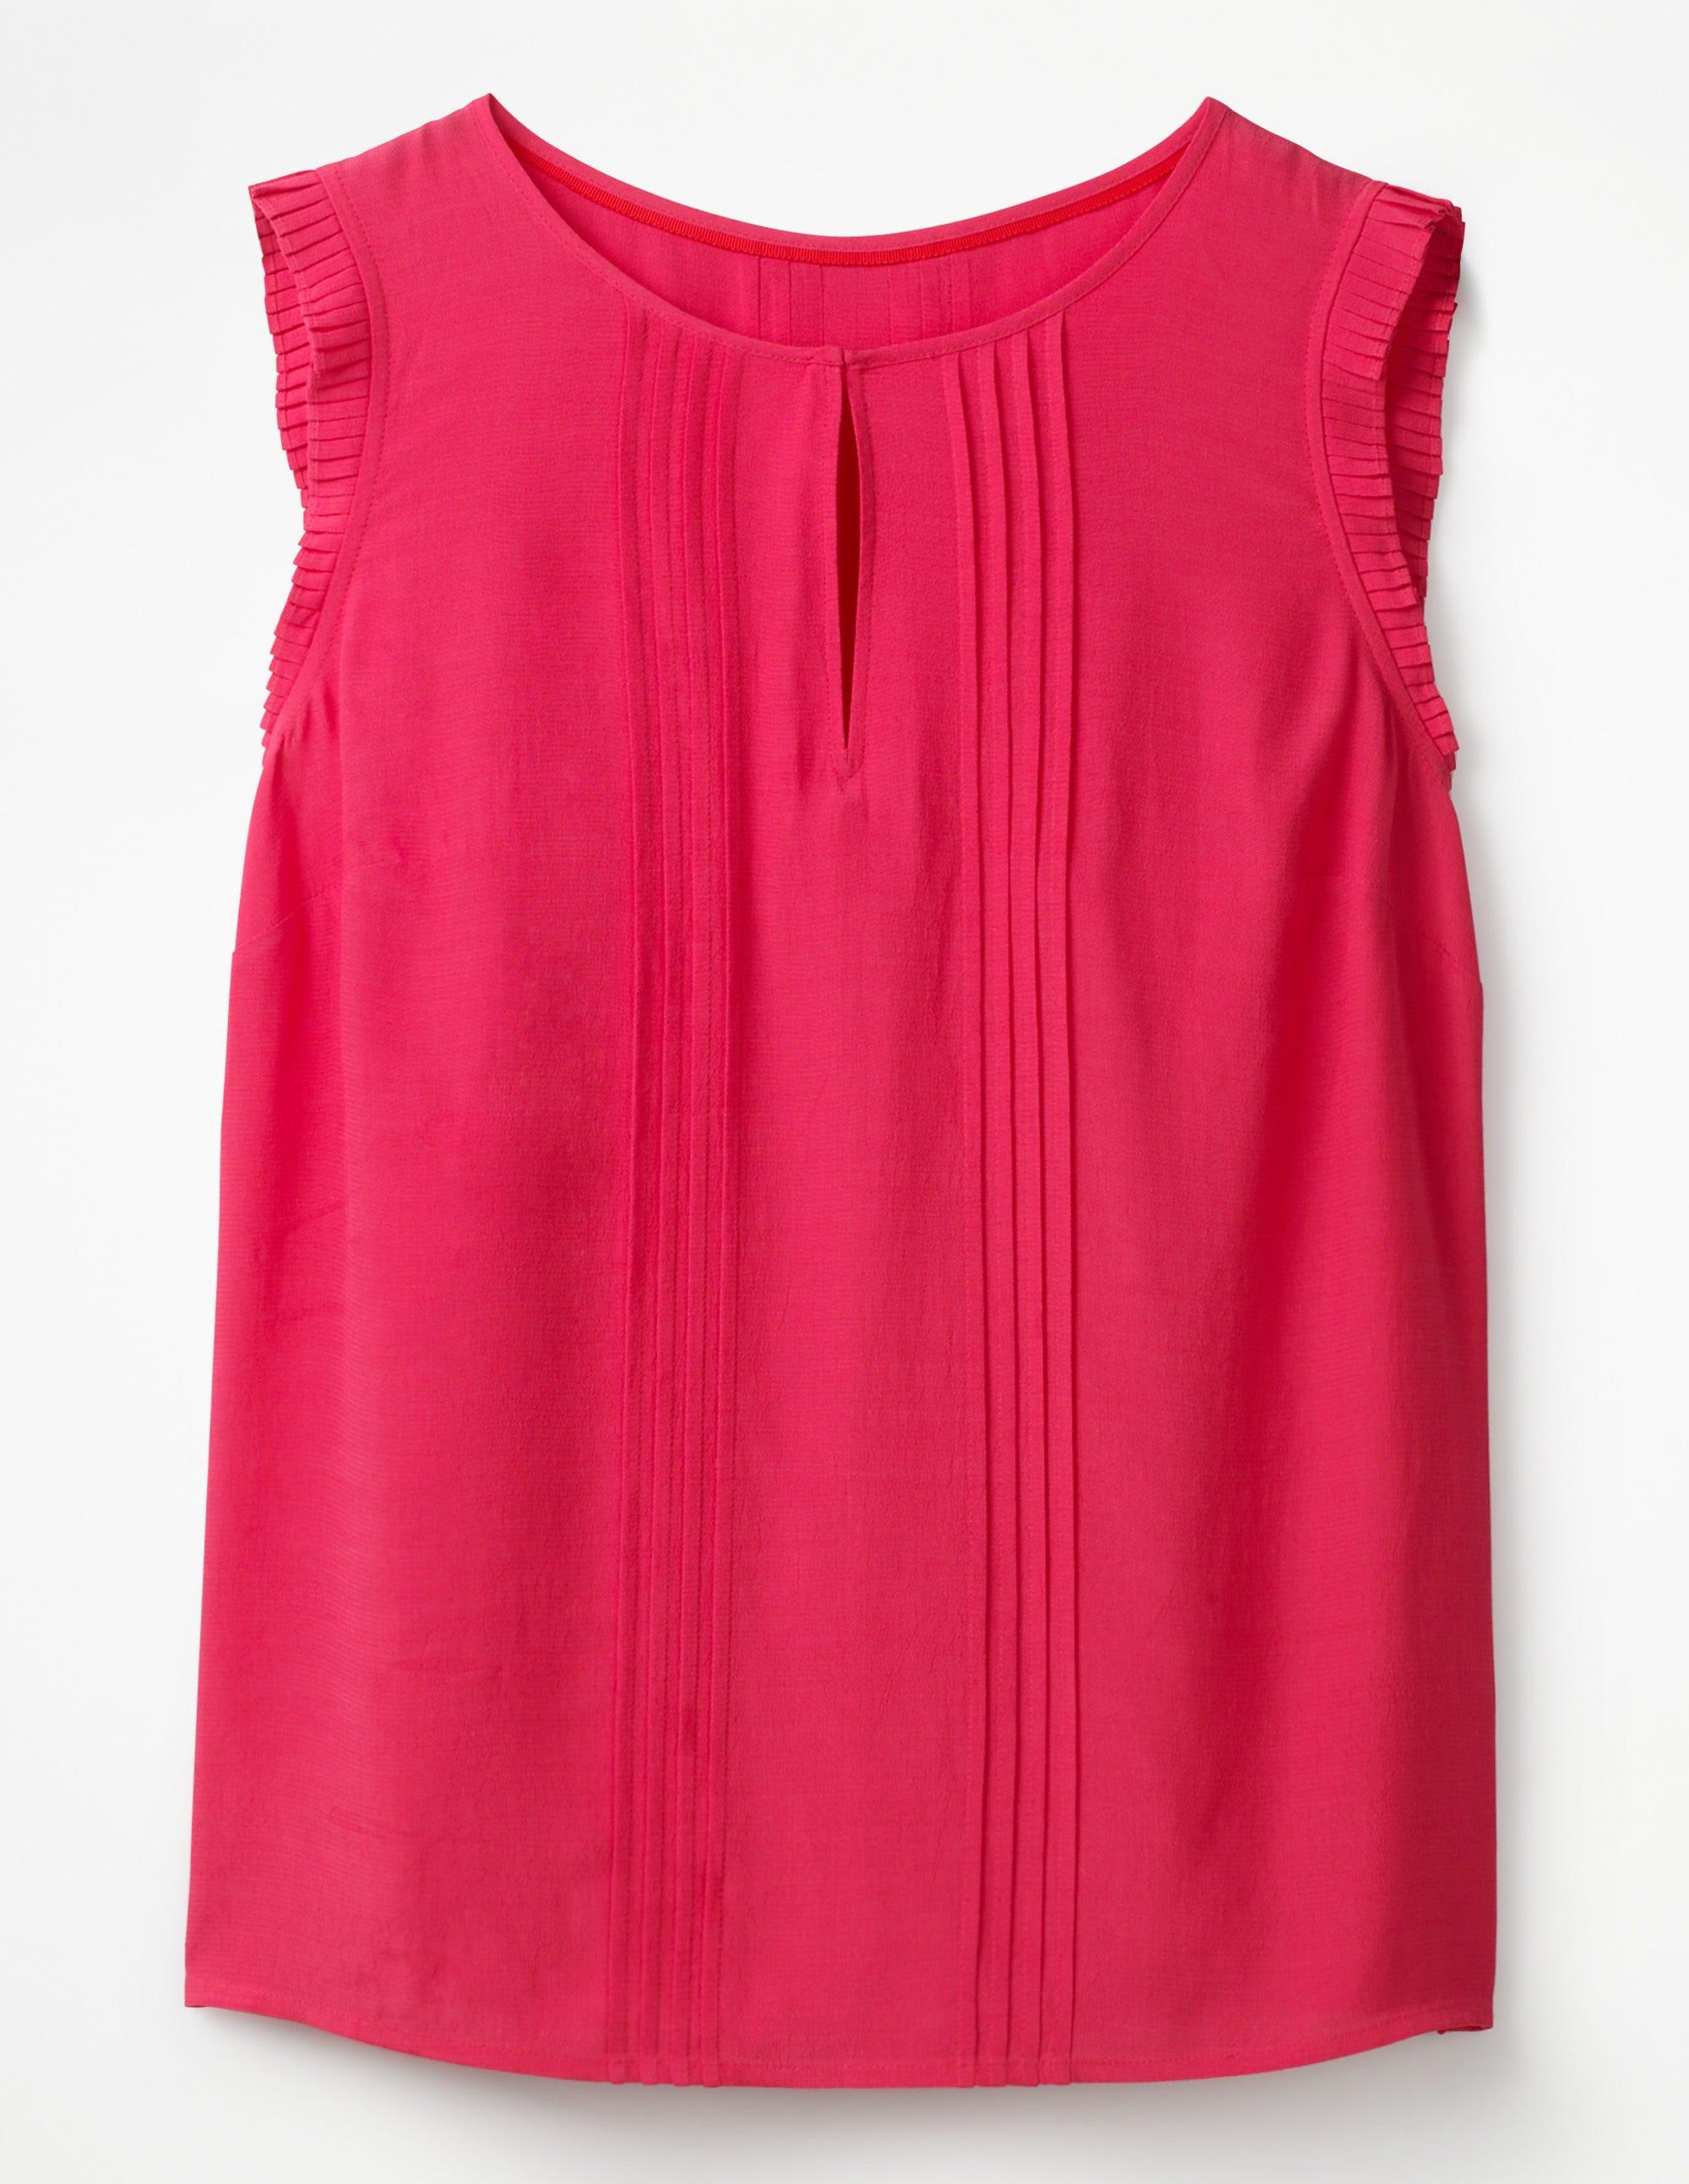 fe47dd896c8b23 Clara Top - Carnival Pink